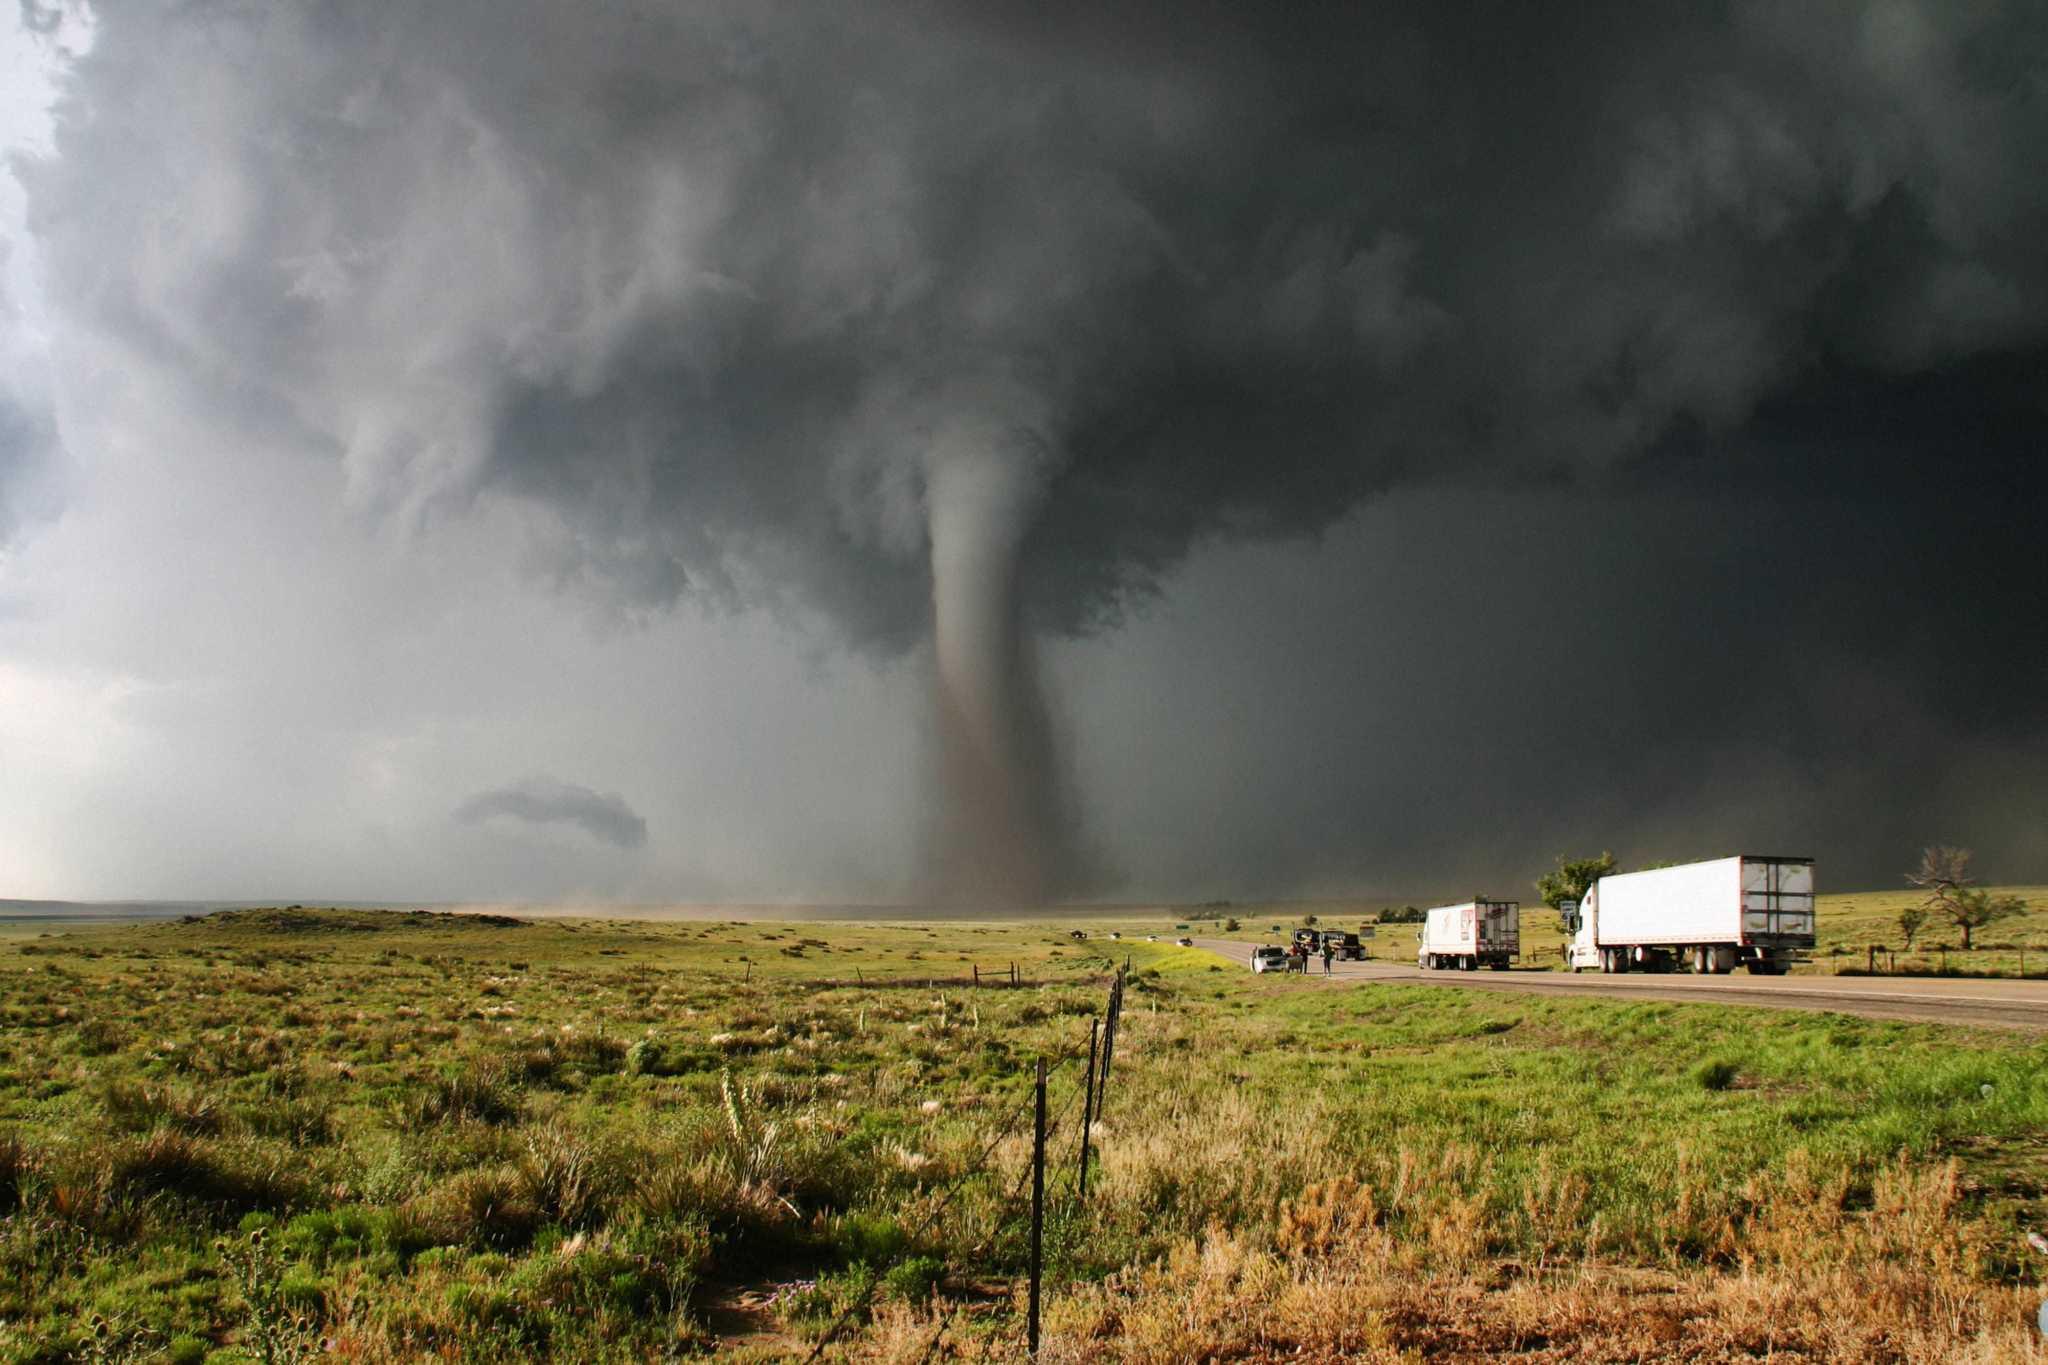 центр торнадо фото фото